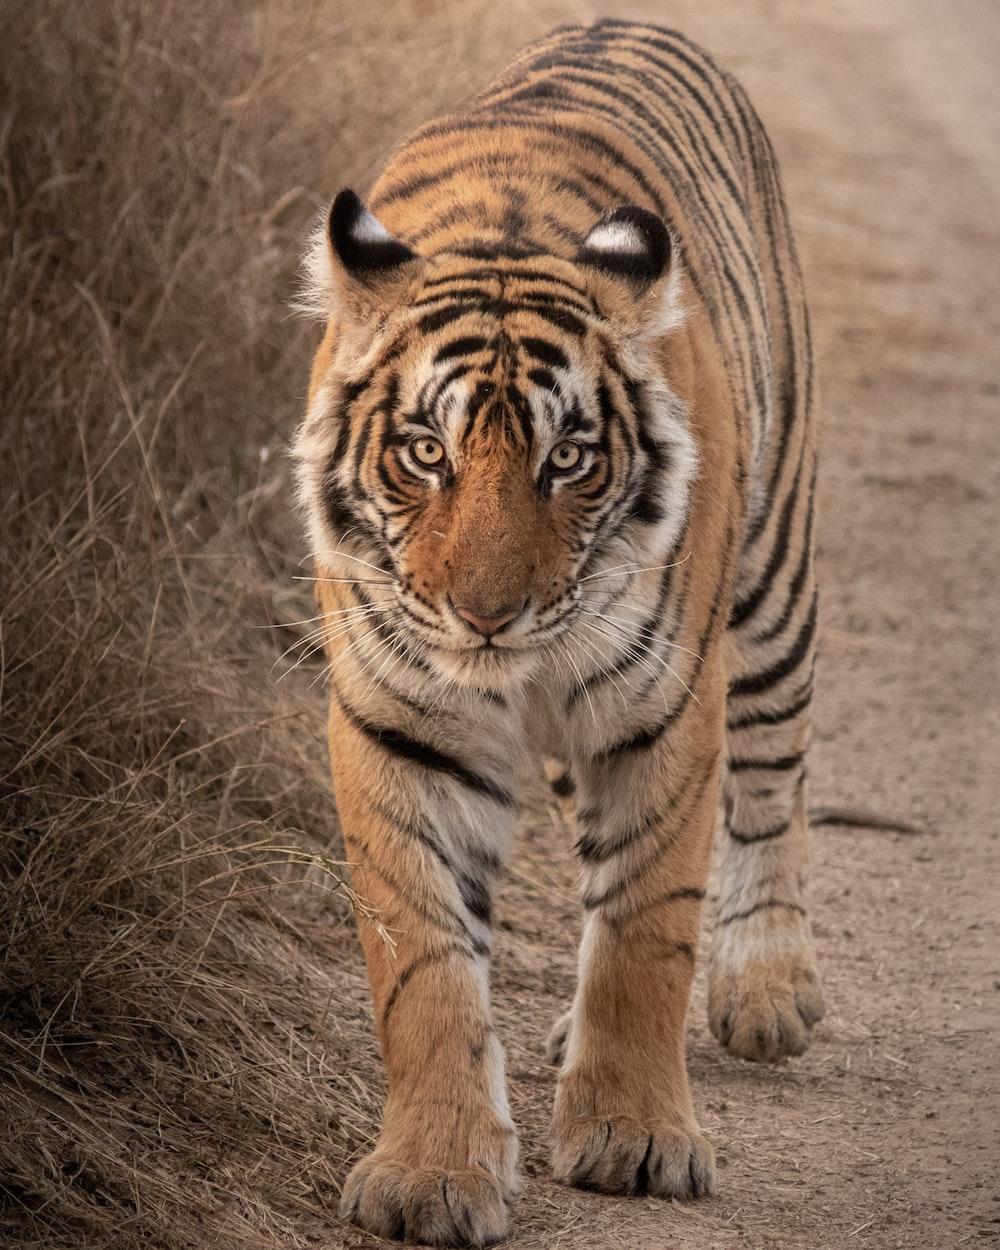 tiger walking on brown grass